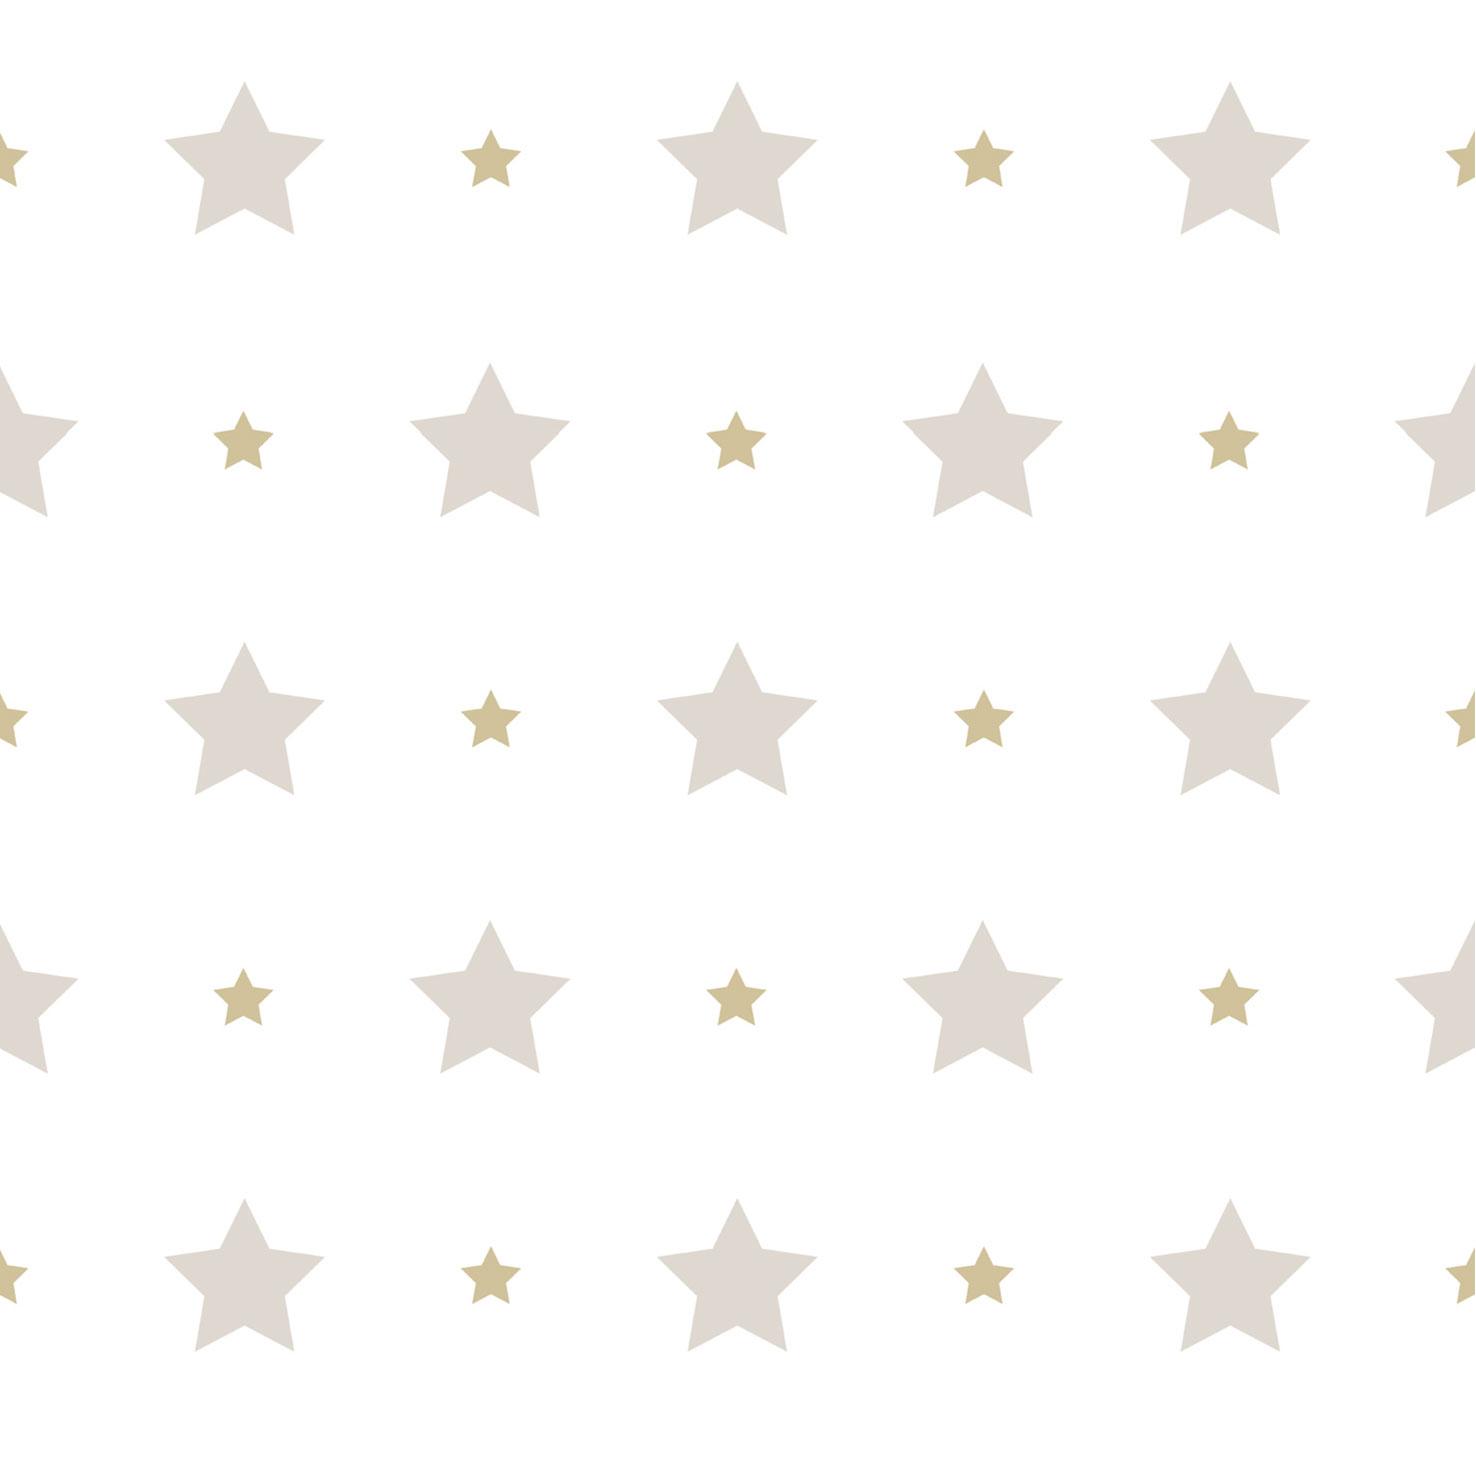 Tapete kinderzimmer sterne  Tapete Kinder Sterne Stern Rasch Textil weiß beige 330143